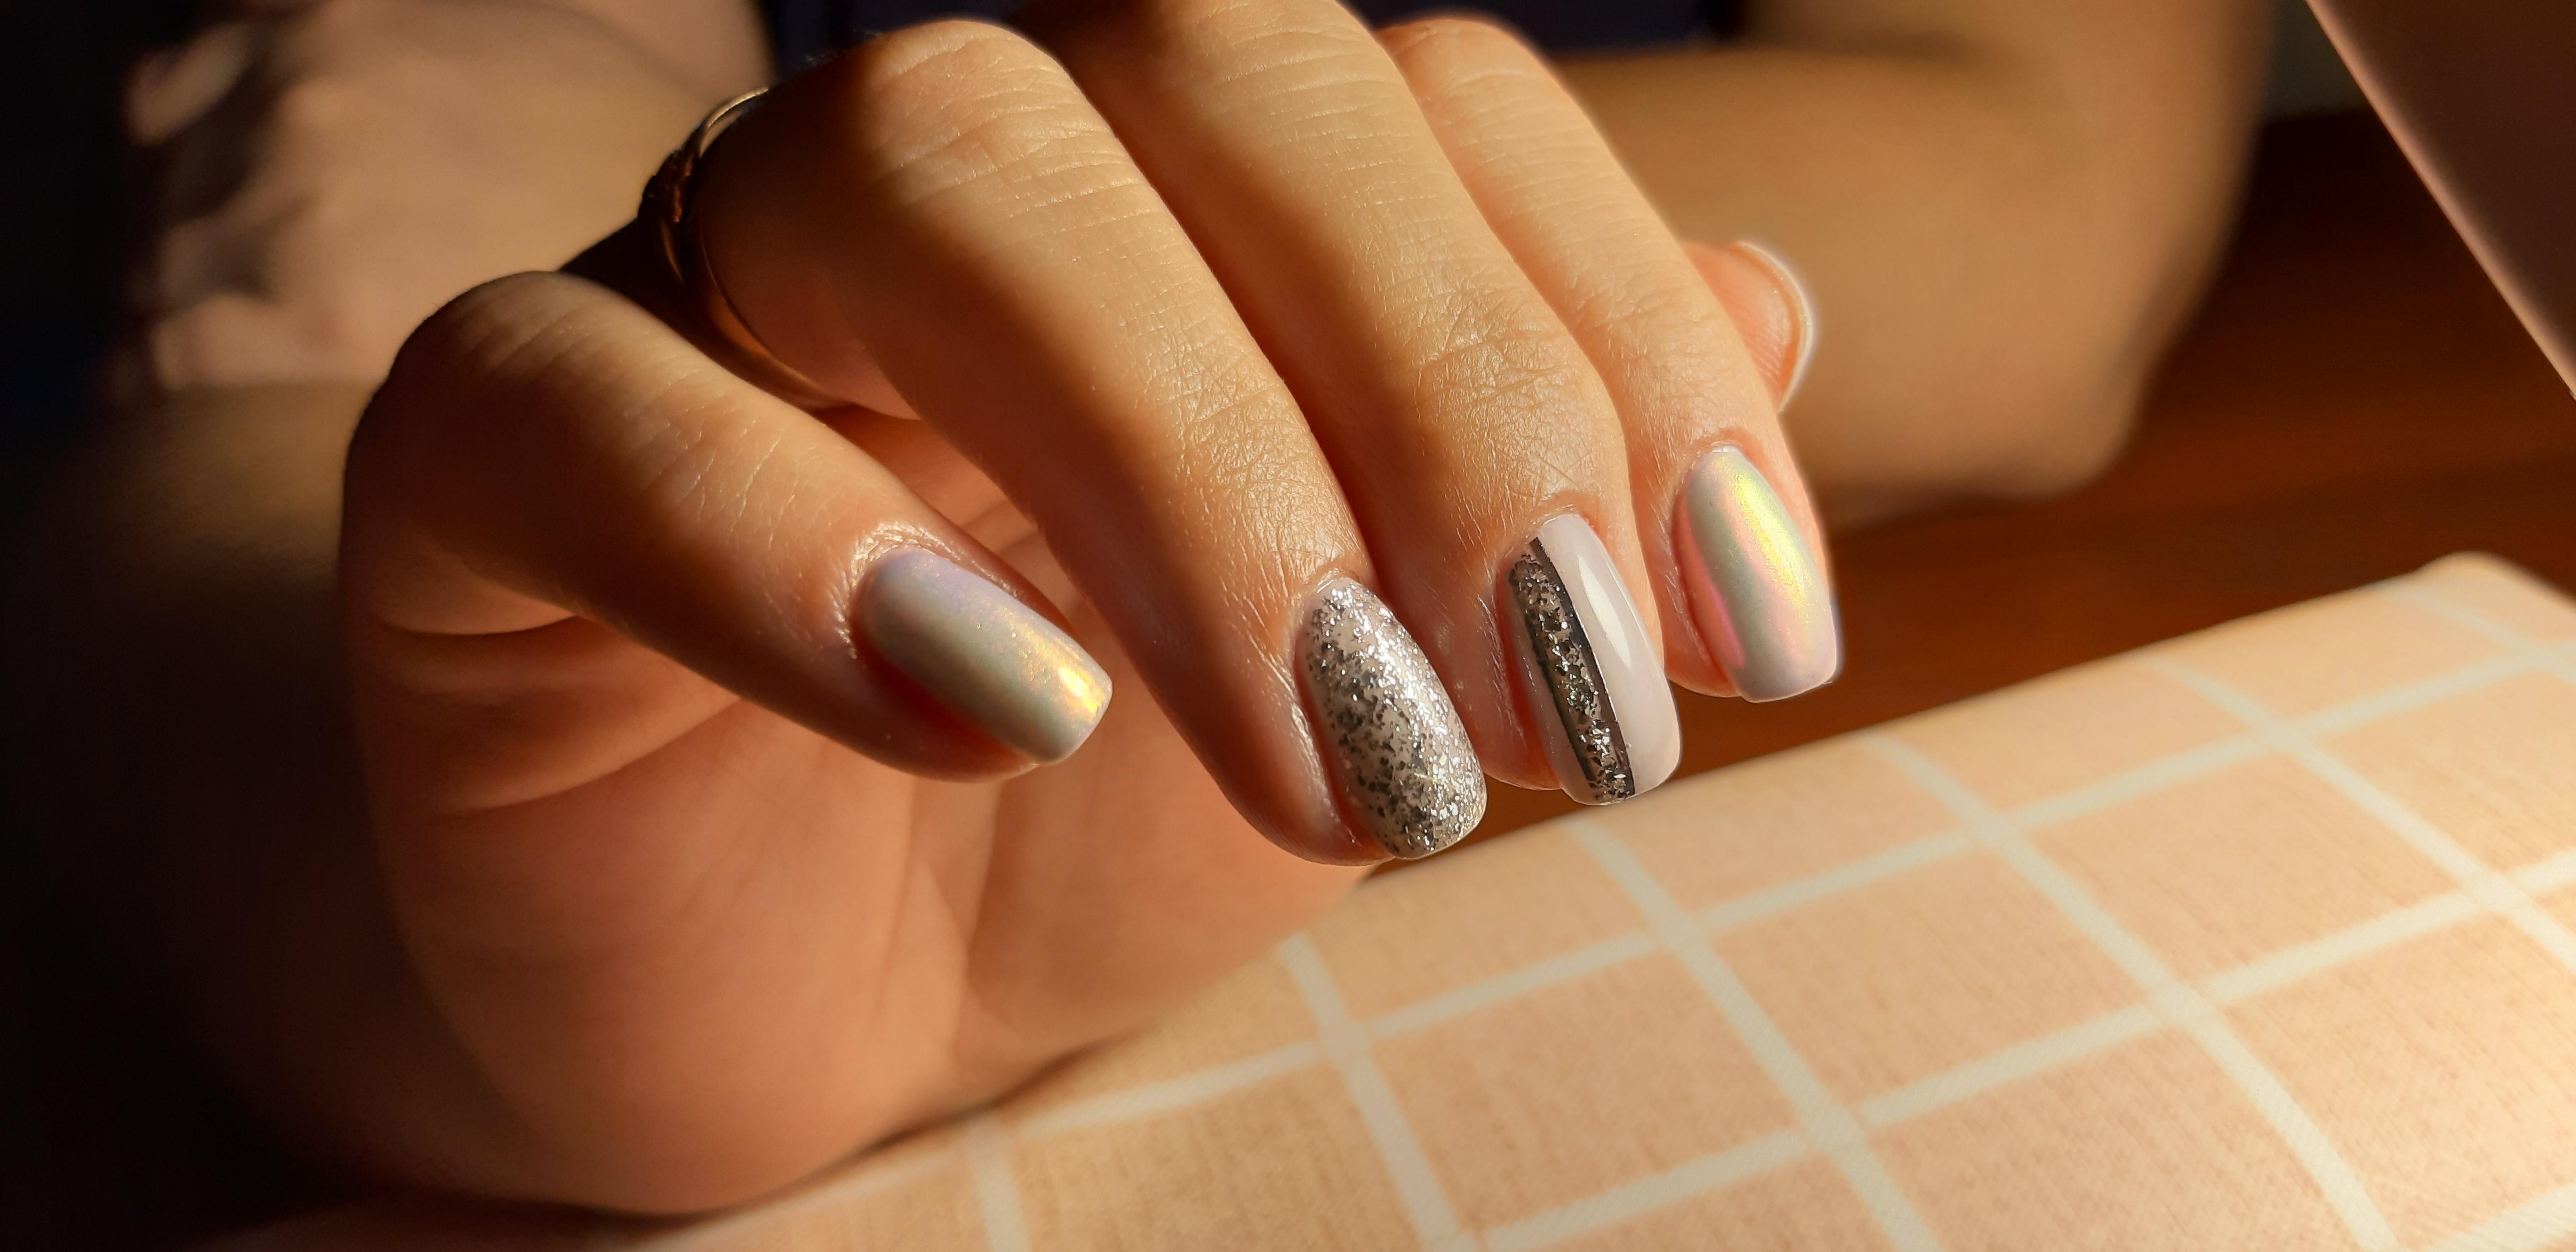 Маникюр с блестками и втиркой в пастельных тонах на короткие ногти.